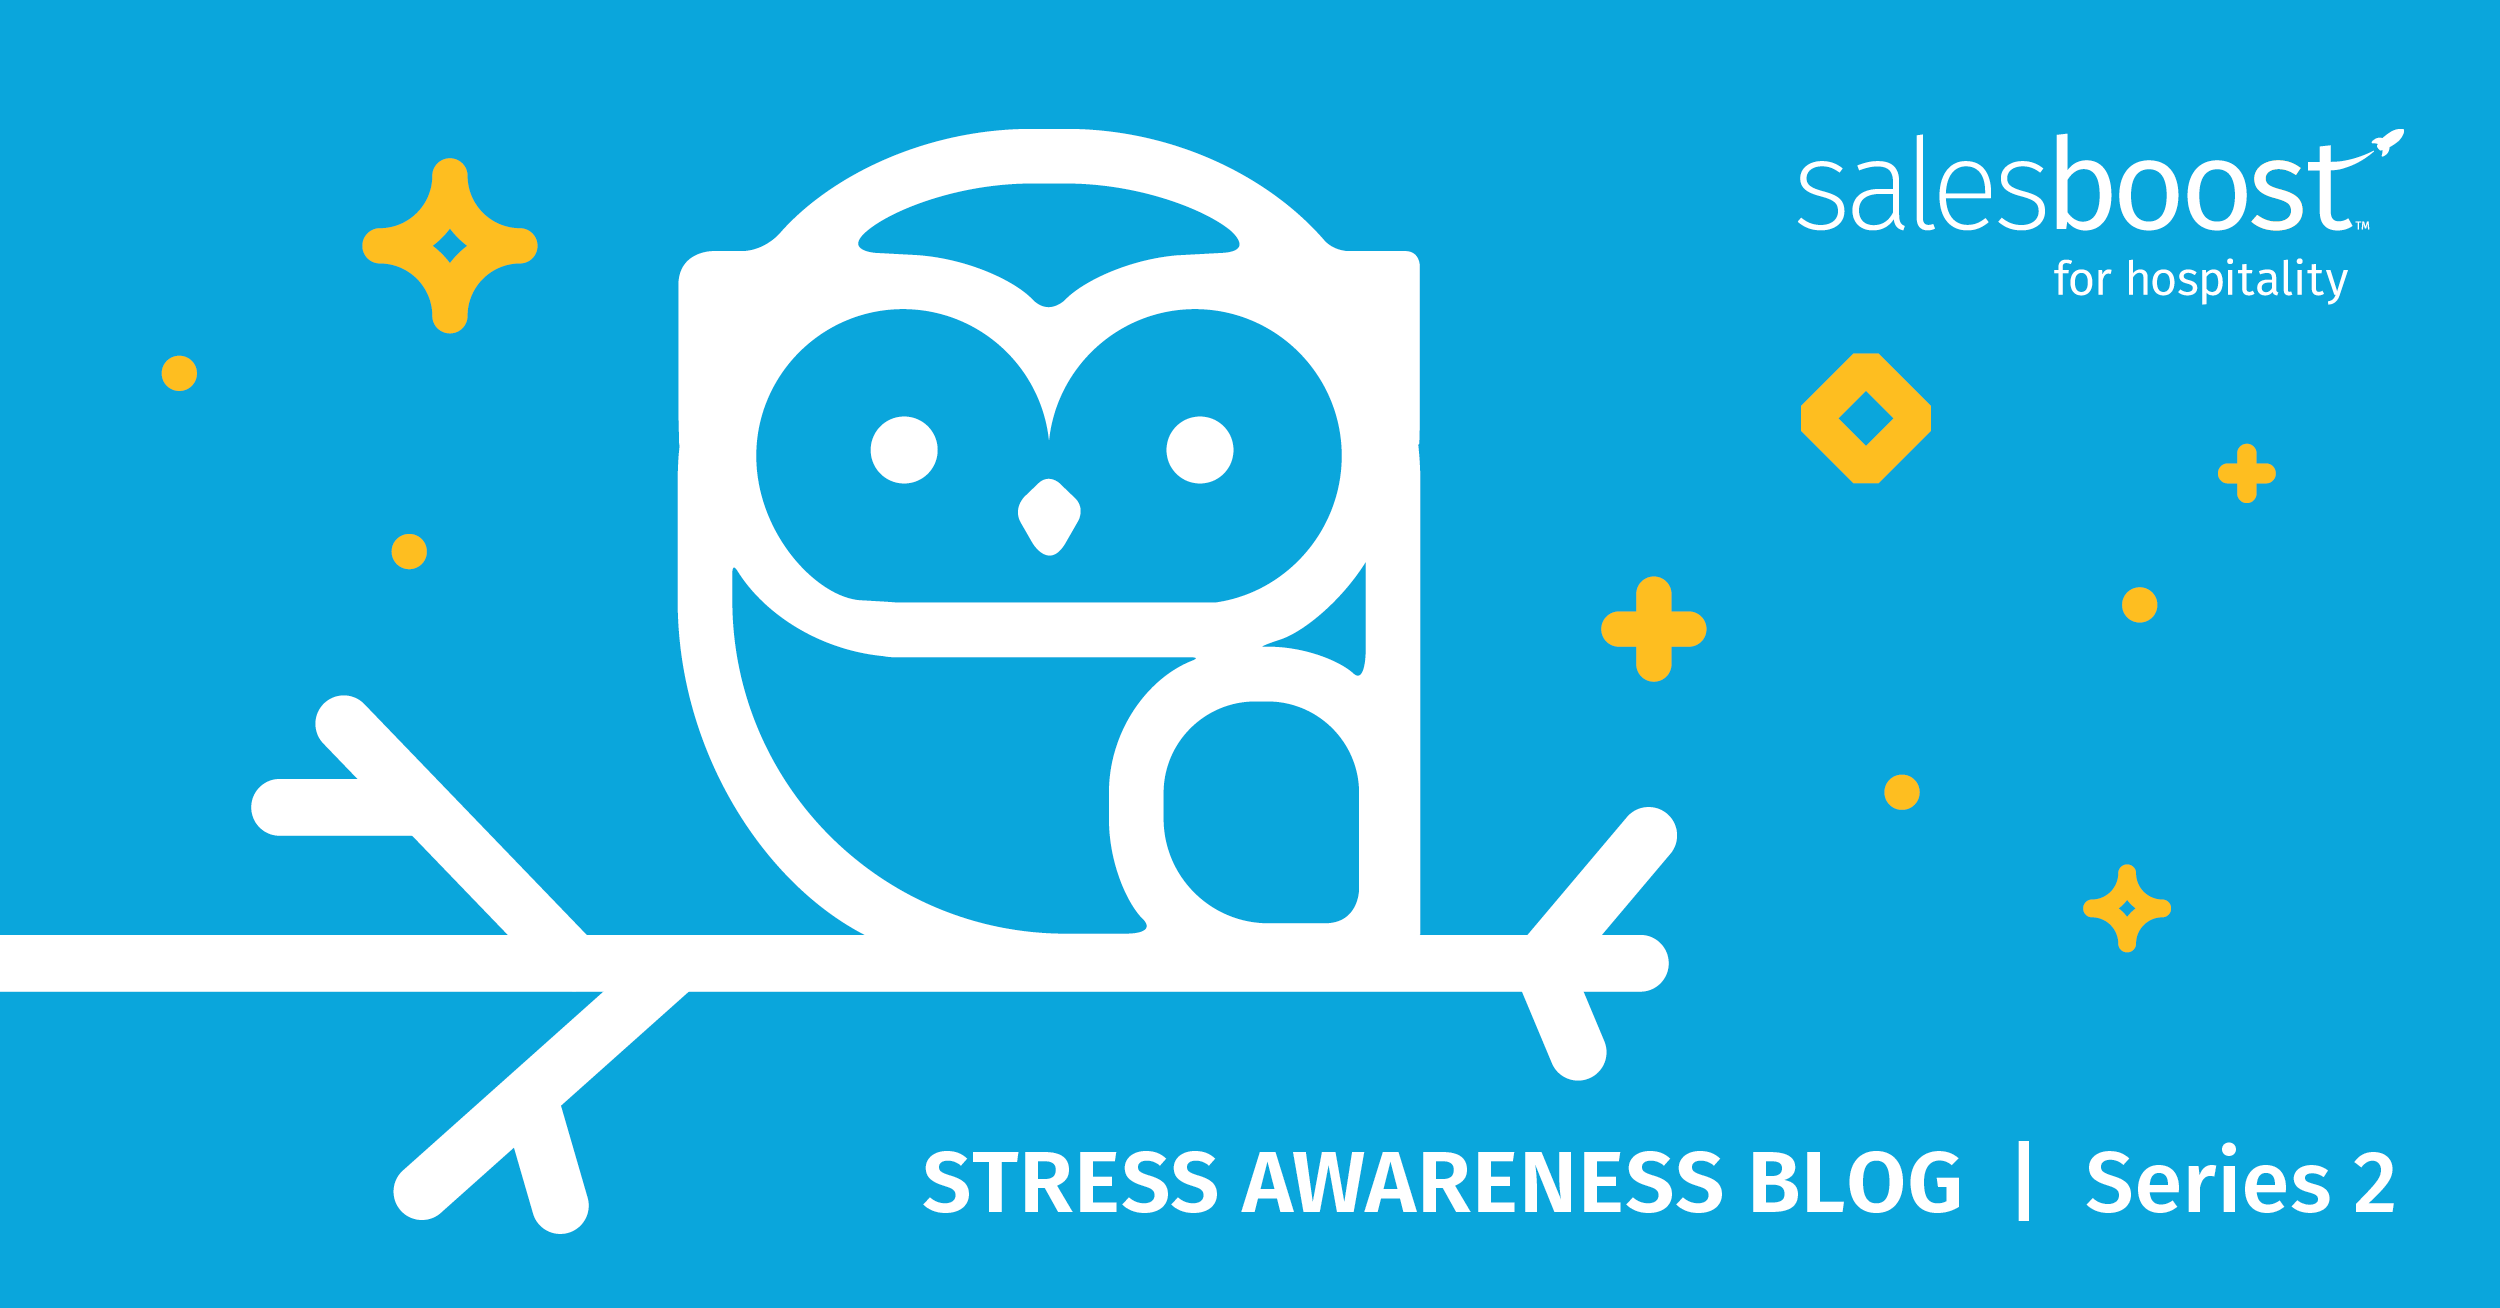 SB_StressAwareness_Post_1200x628_0417_2 (1)